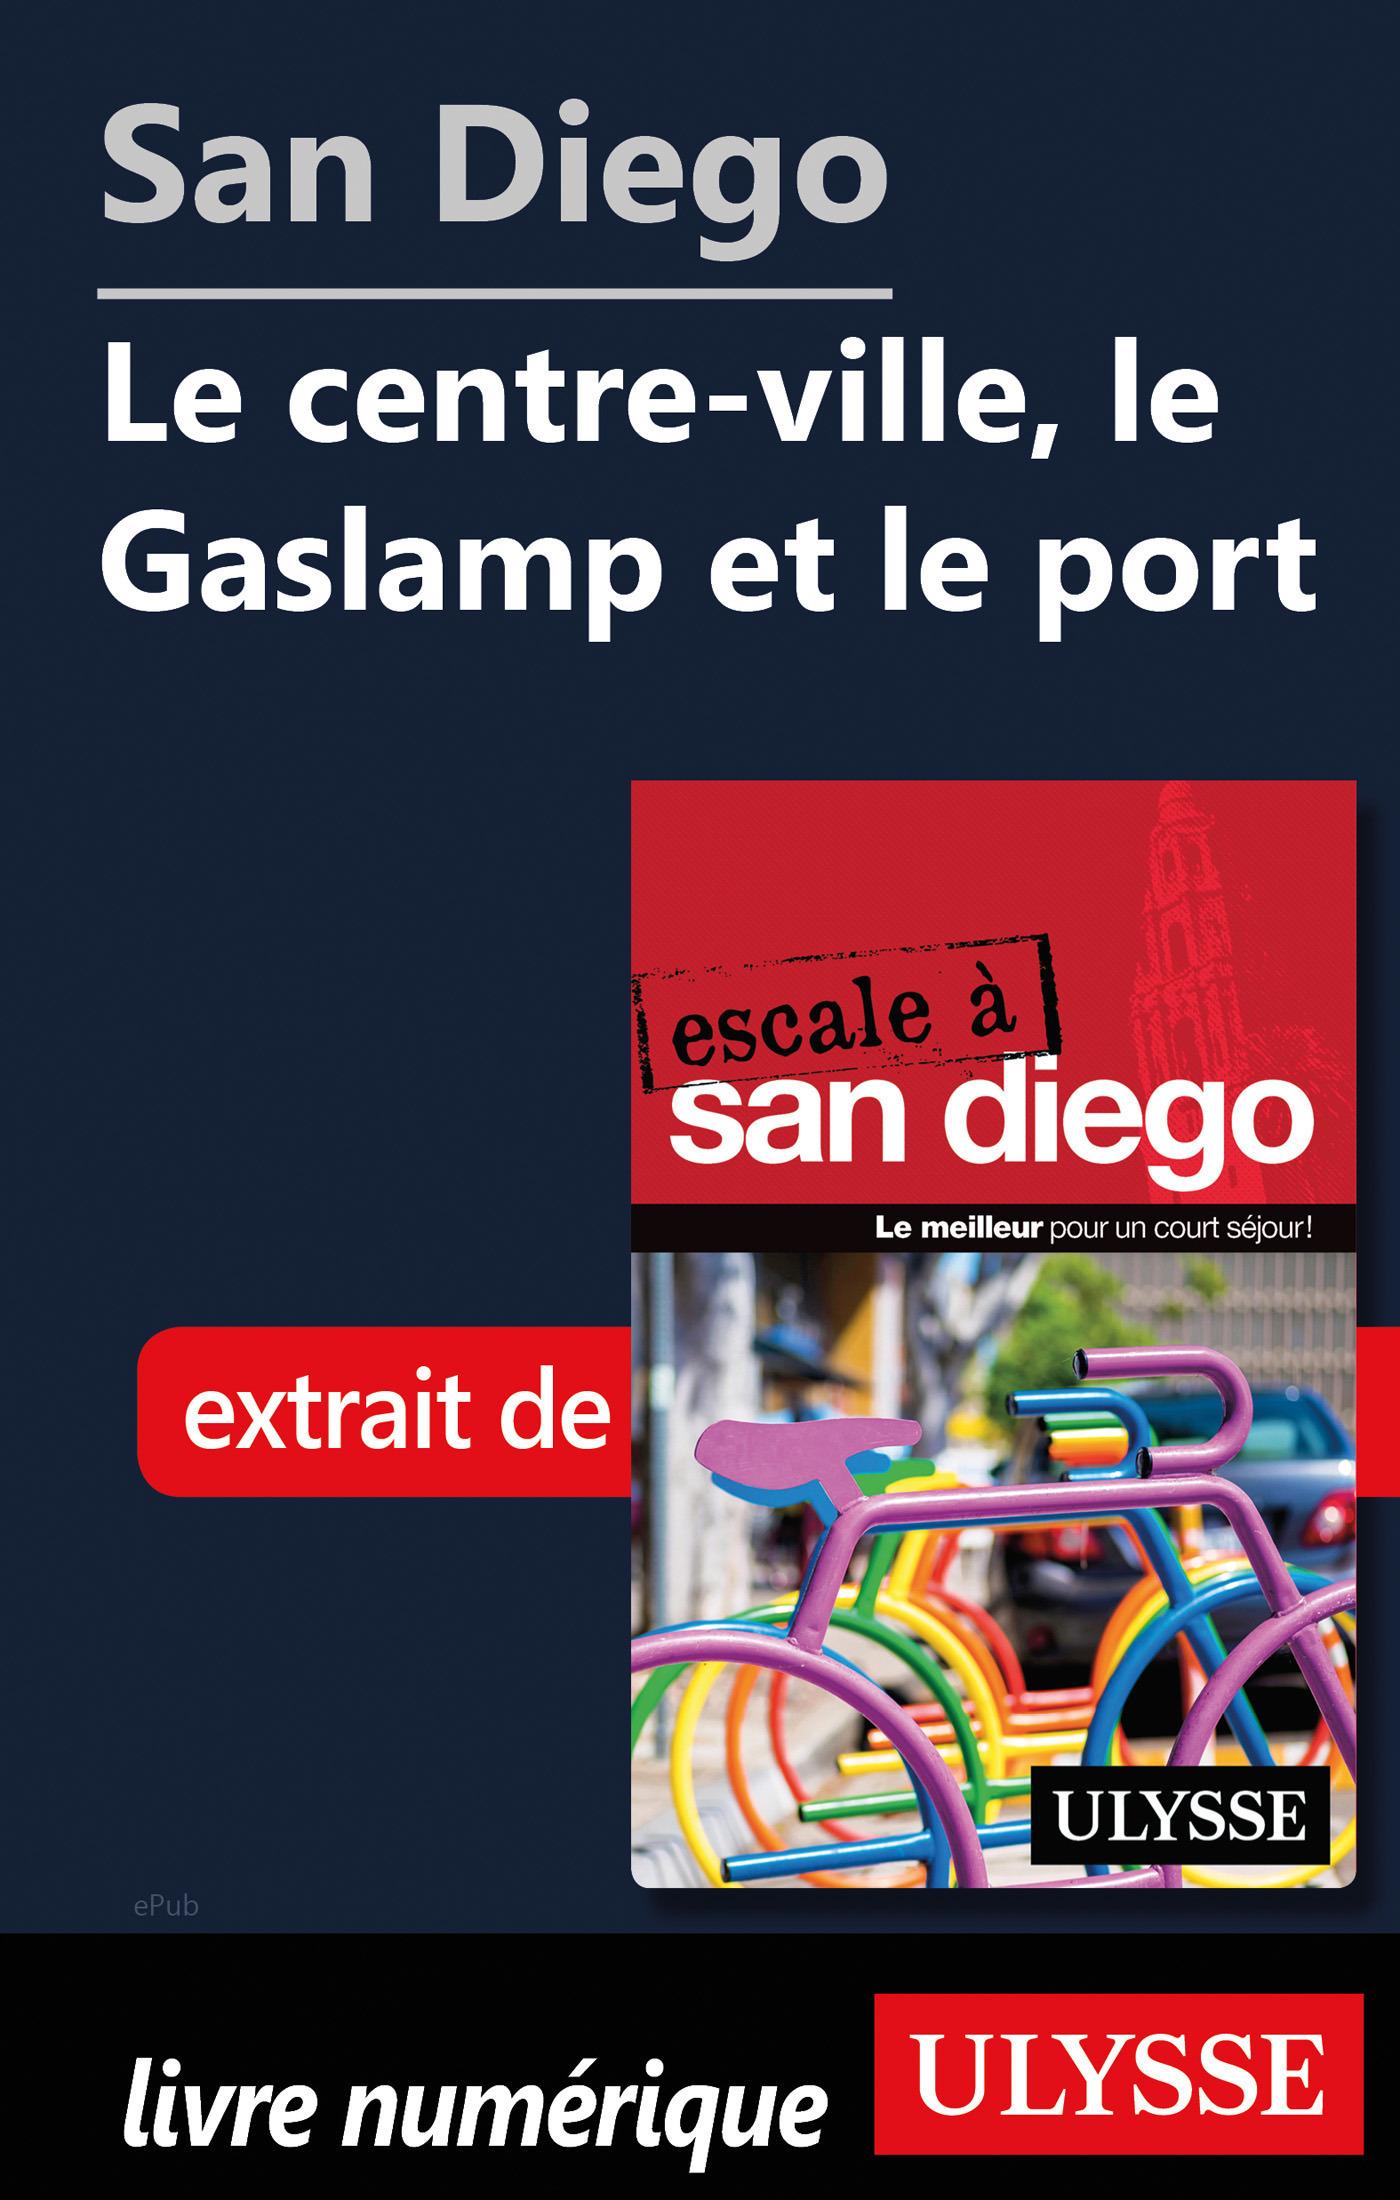 San Diego - Le centre-ville, le Gaslamp et le port